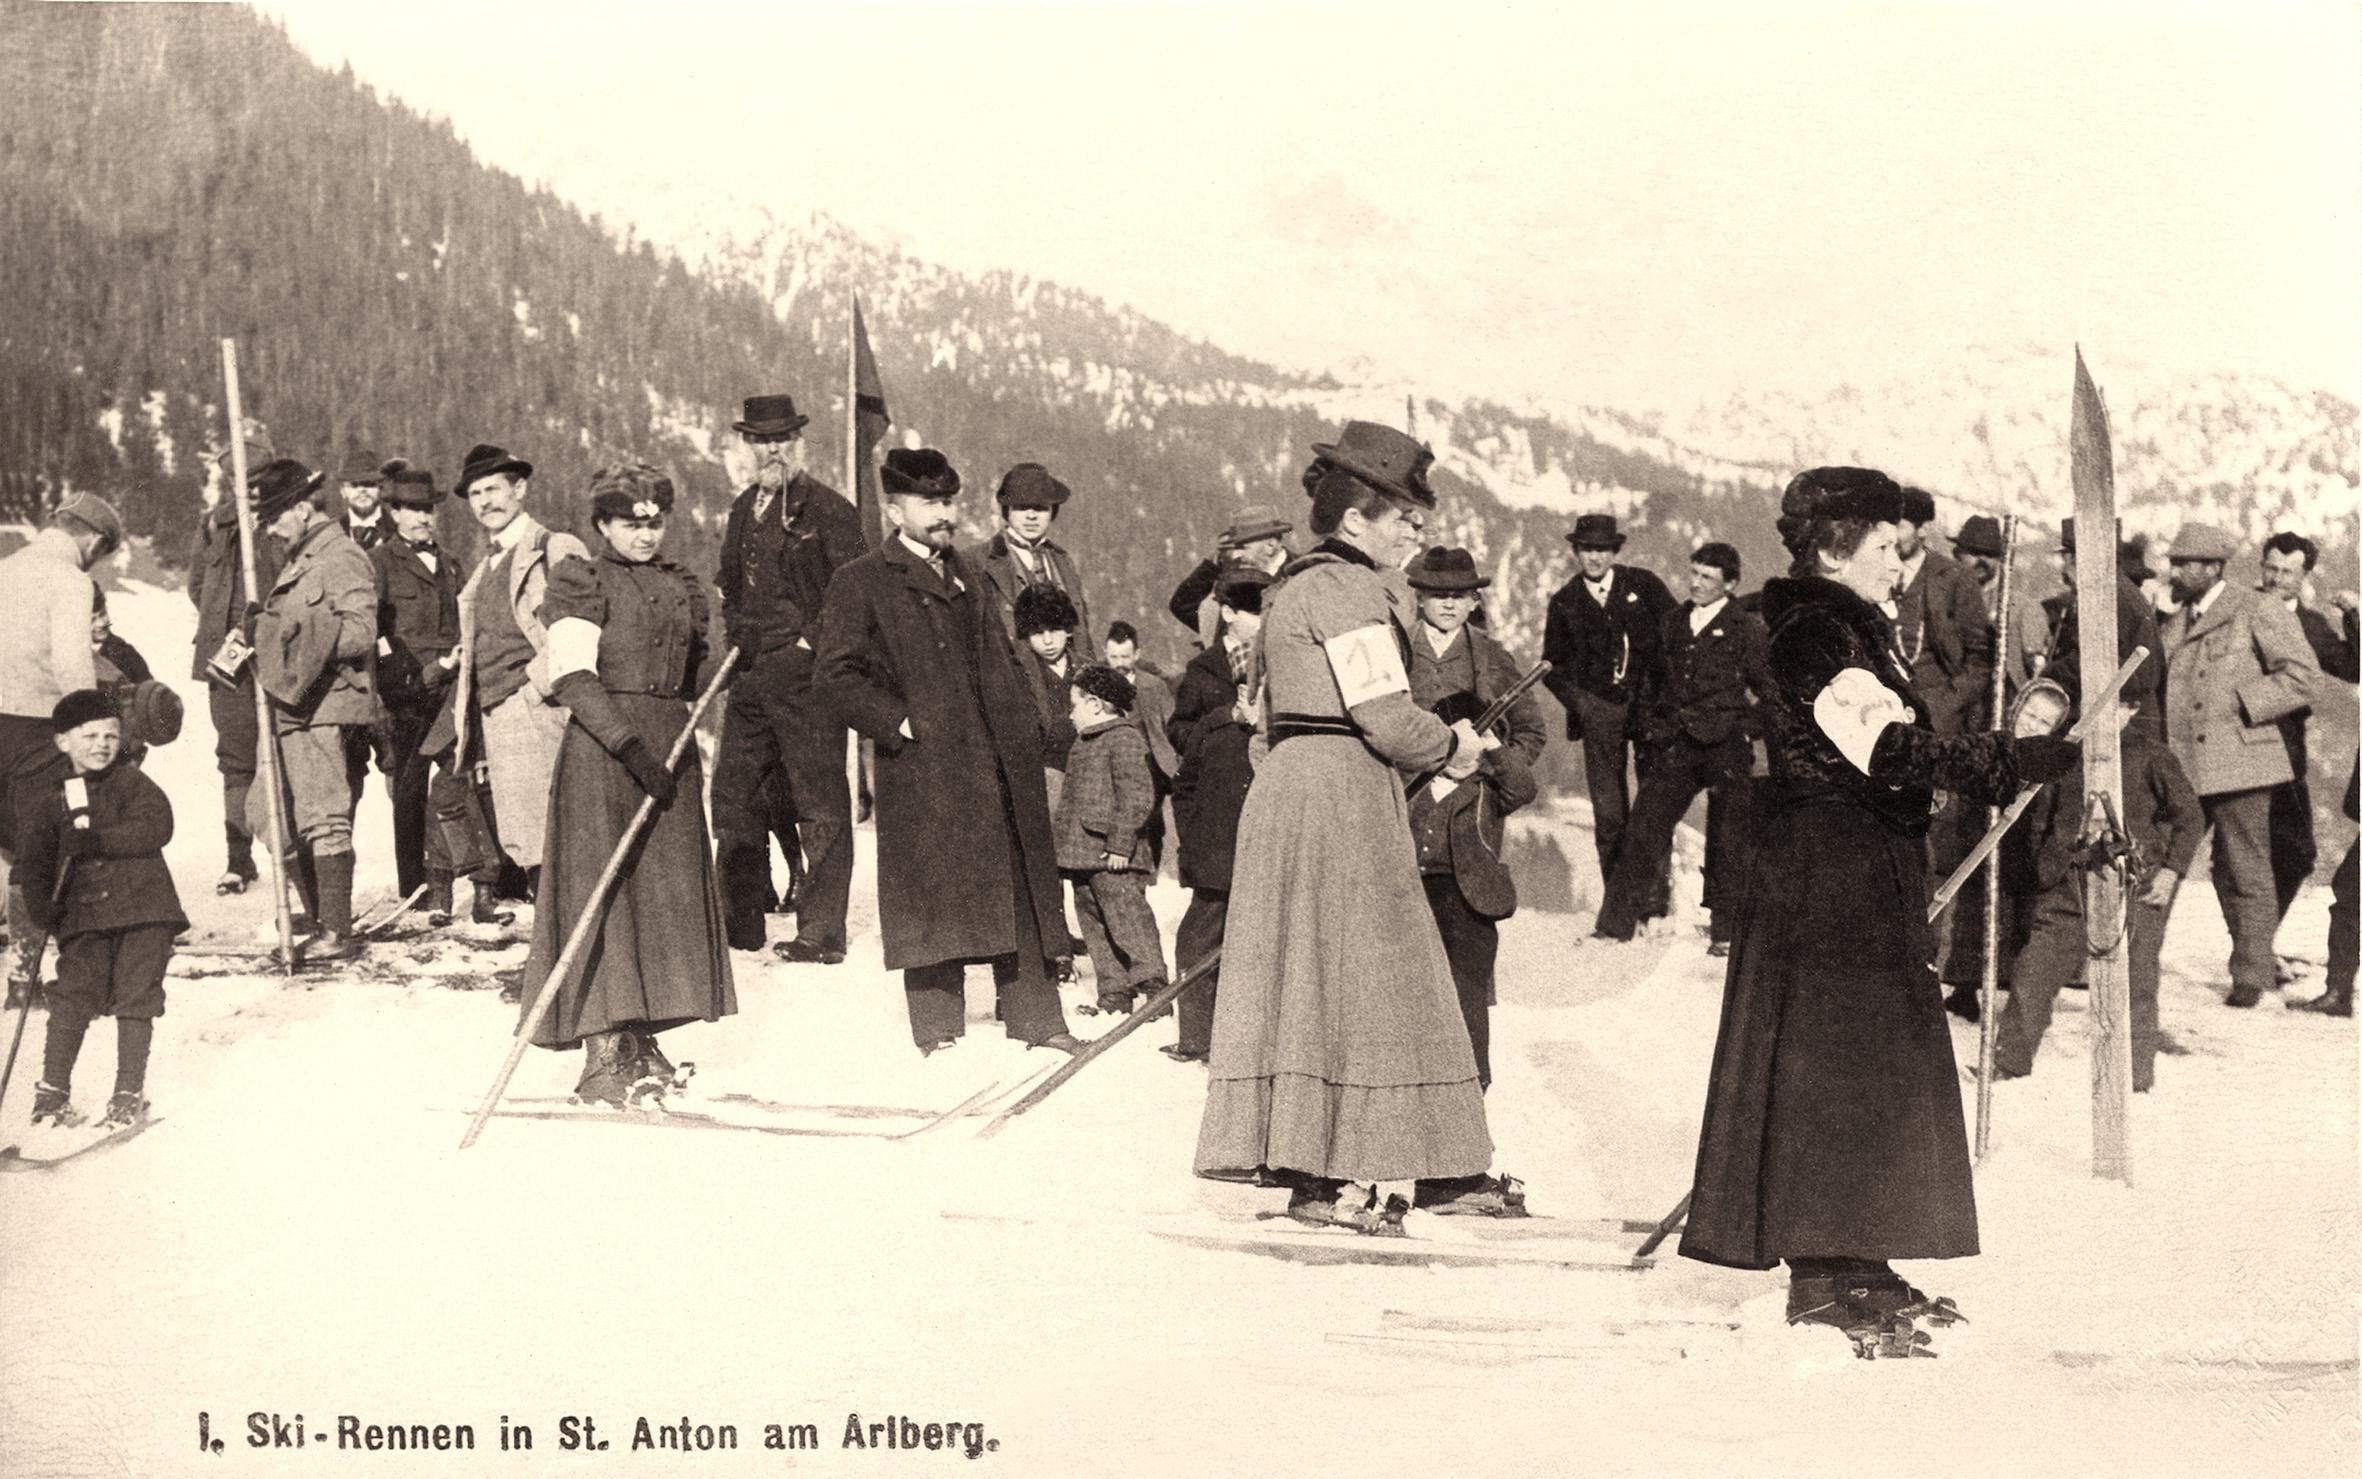 Altes Foto von einem Damenskirennen